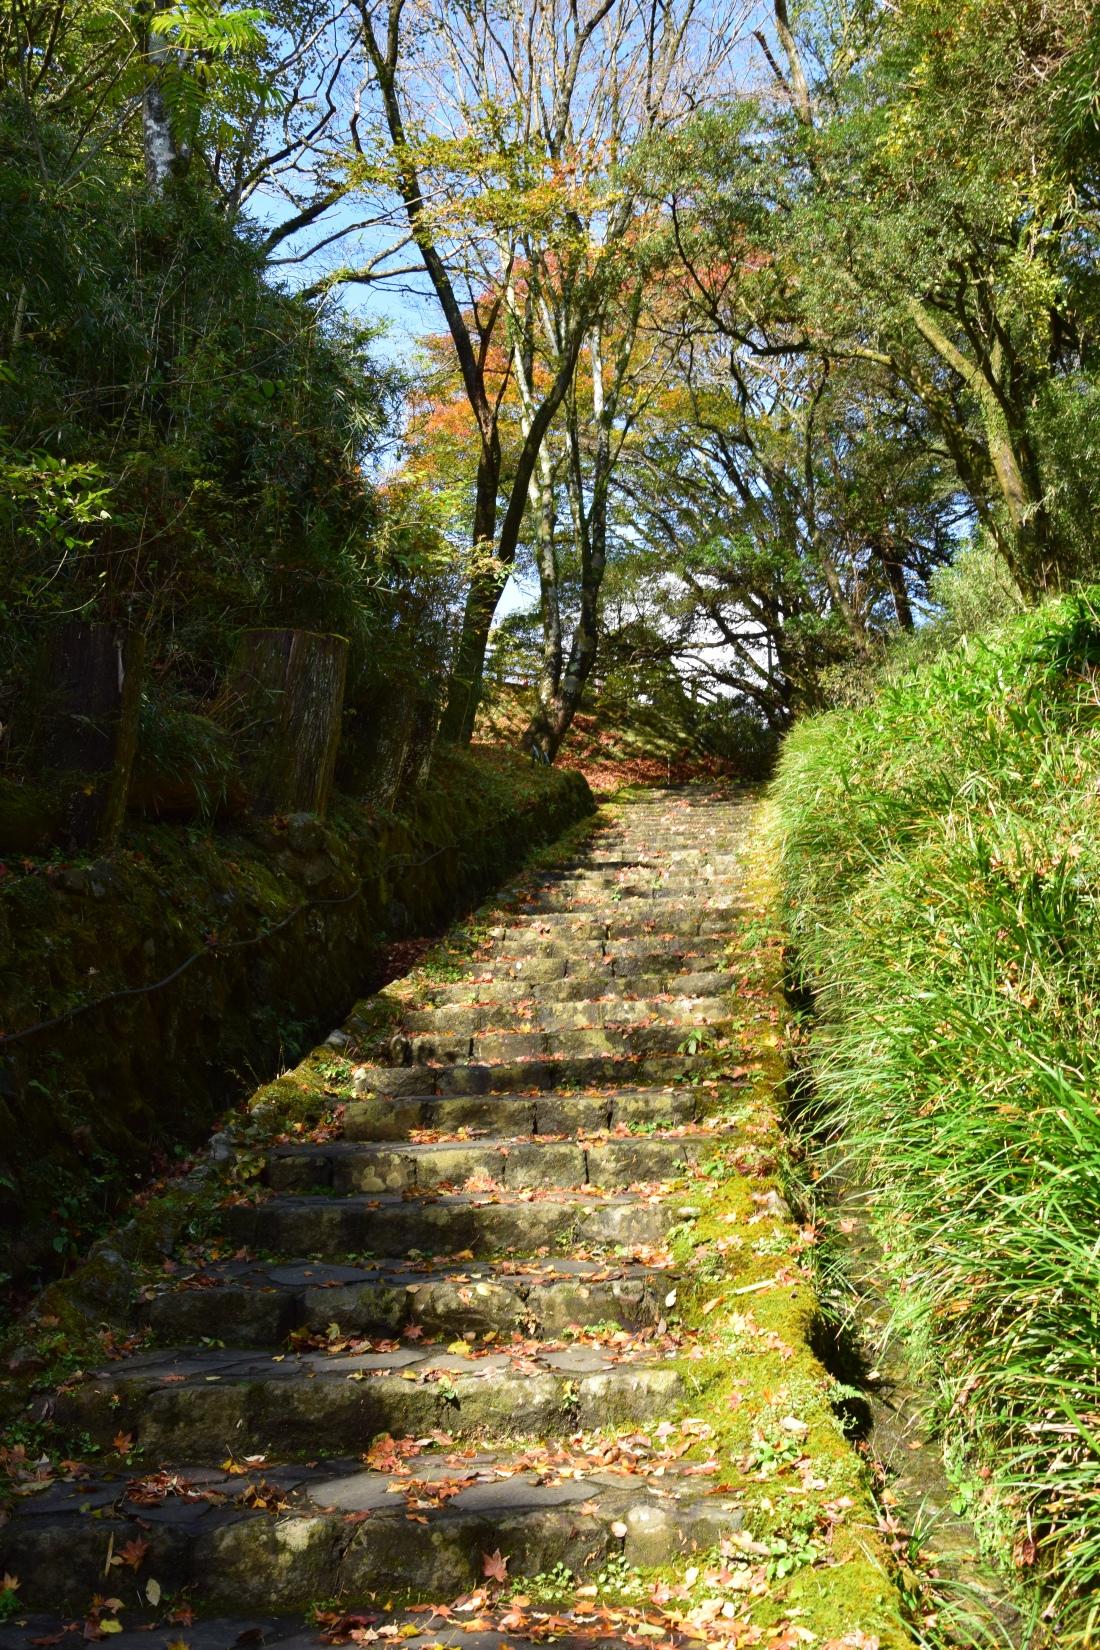 Escalier Parc Lac Ashi Japon